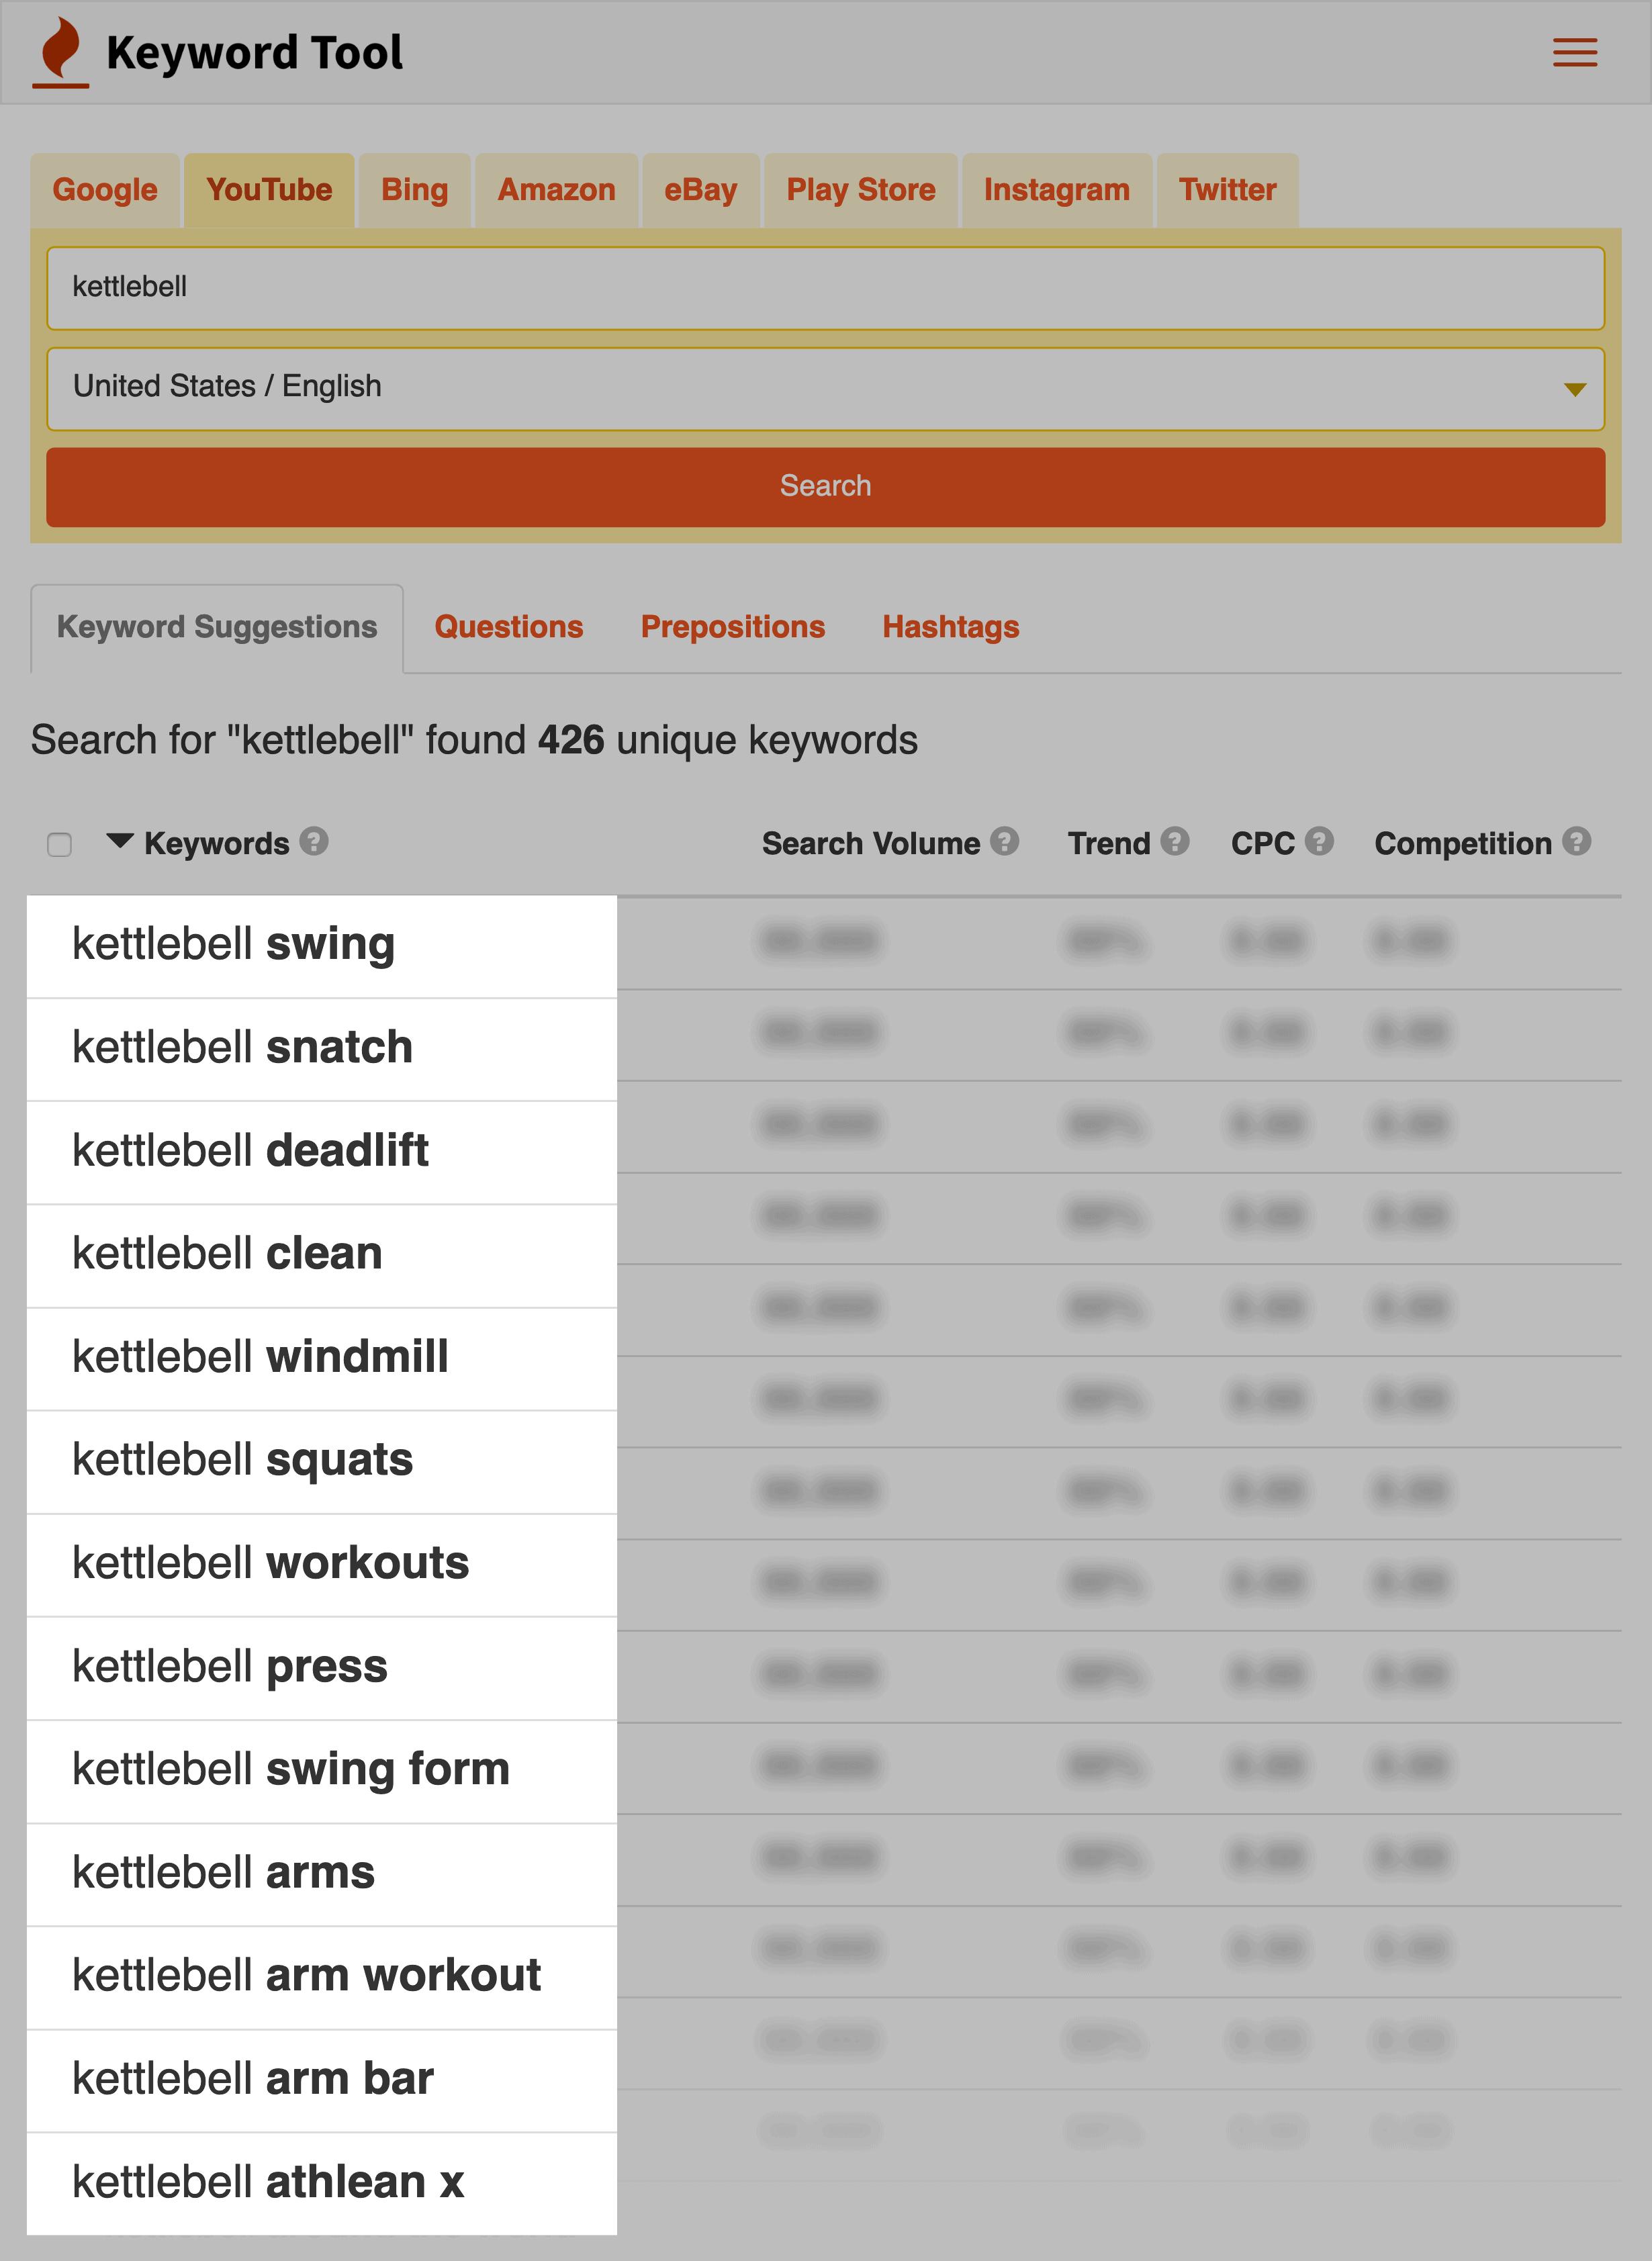 Keyword Tool – Kettlebell results